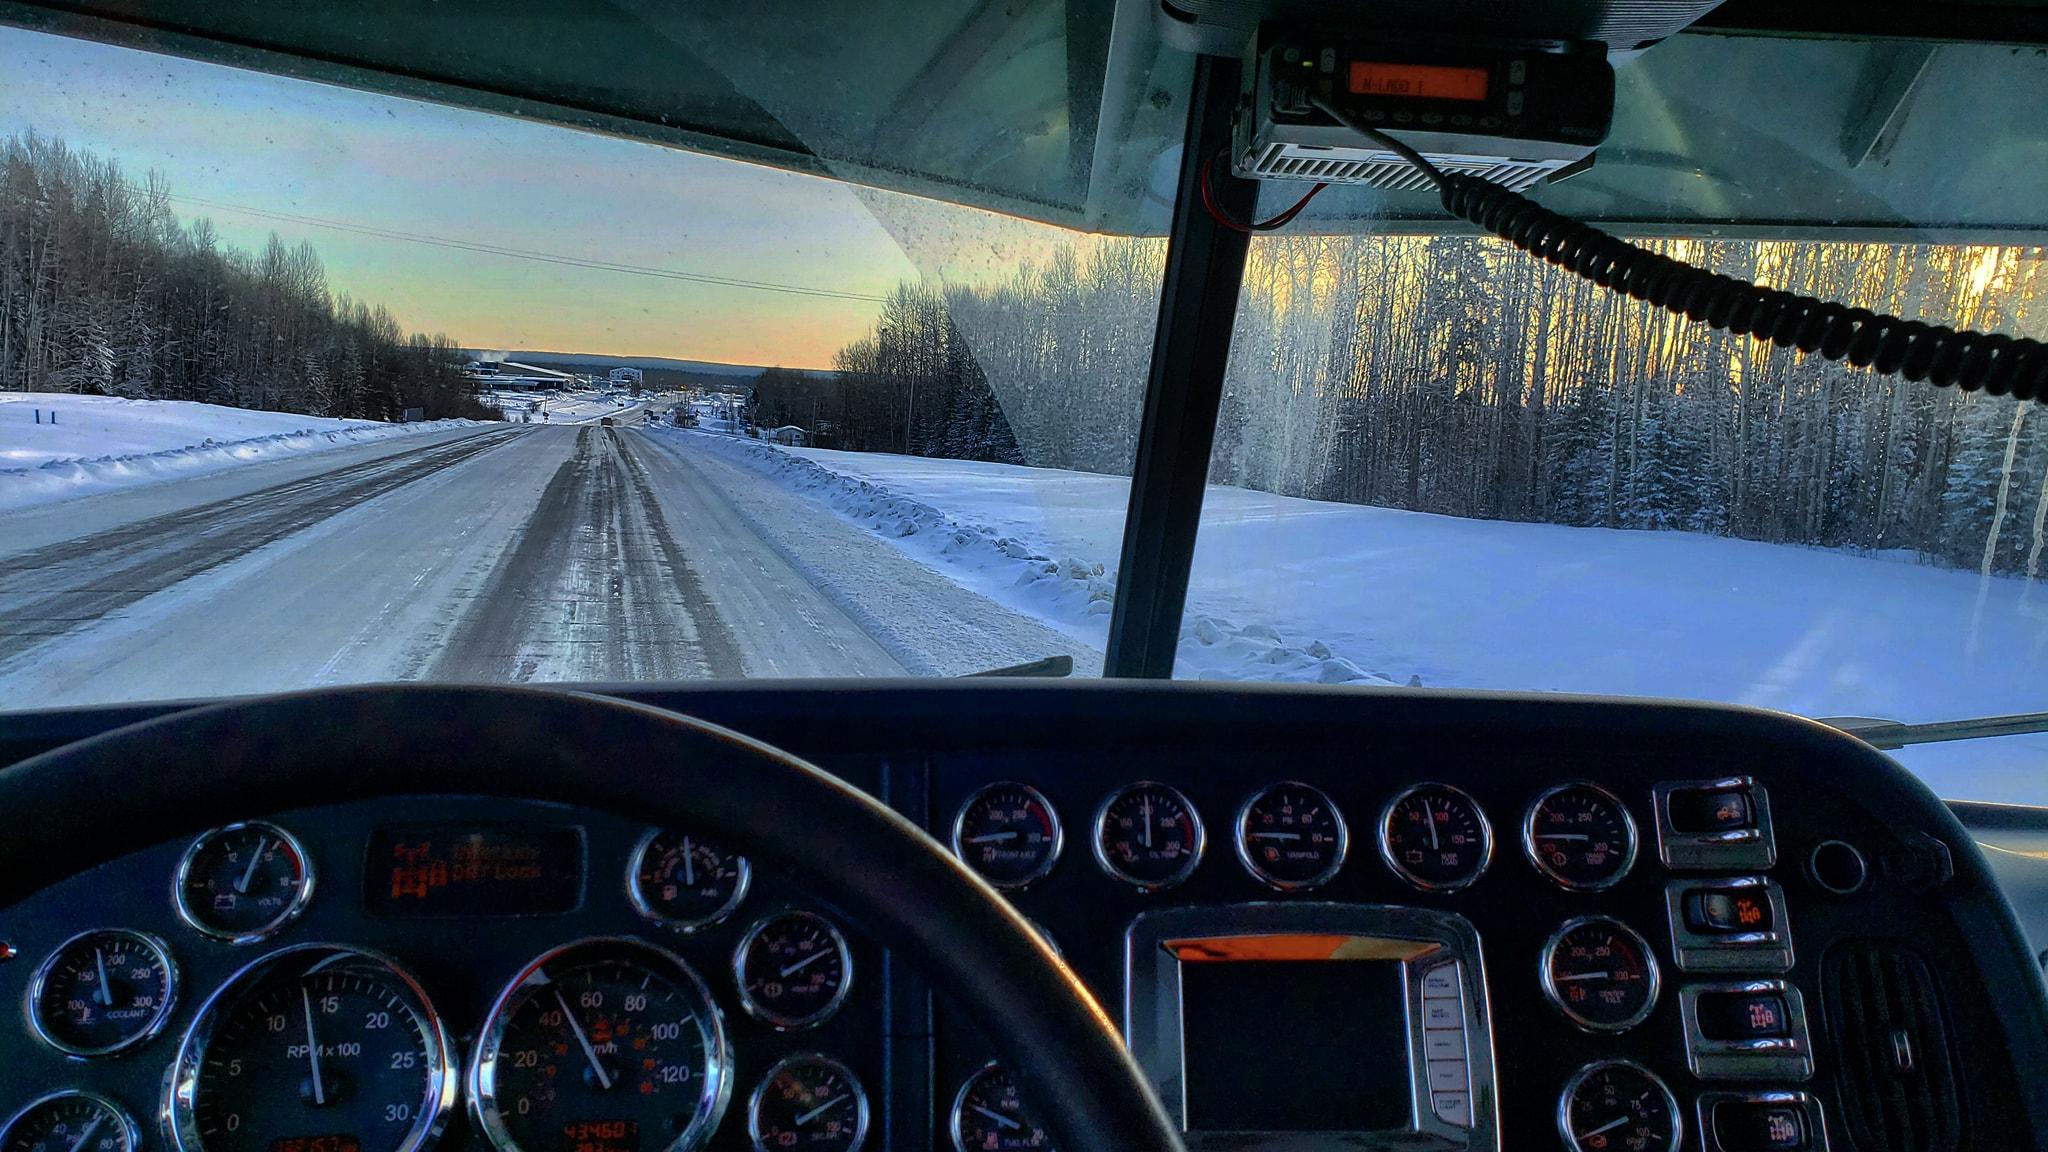 14-2-2020--nu-met-tankwagen-om-meer-thuis-te-zijn-Taber--(21)